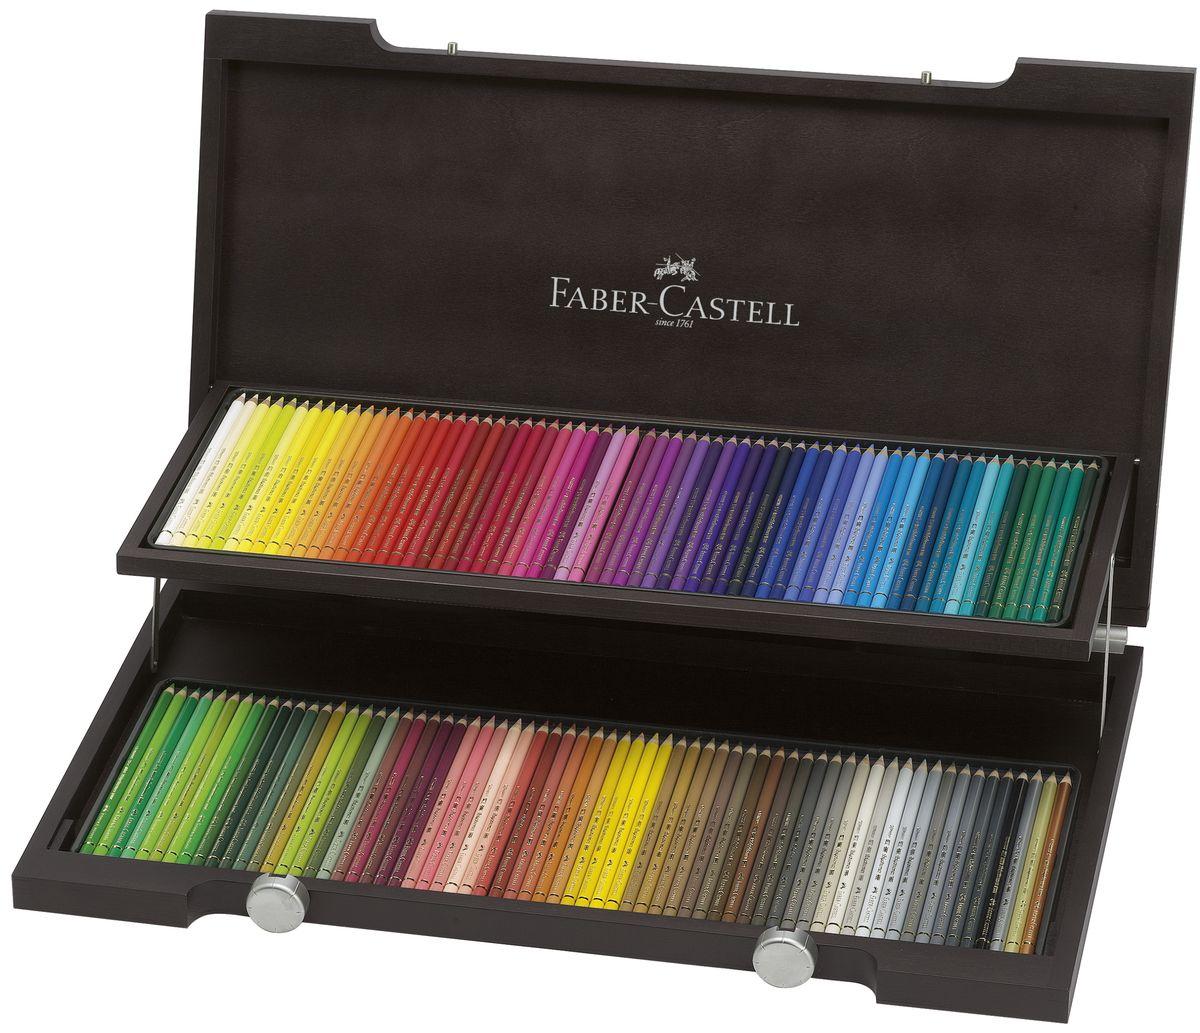 Faber-Castell Цветные карандаши Polychromos 120 цветов110013Цветные карандаши Faber-Castell Polychromos станут незаменимым инструментом для начинающих и профессиональных художников. В набор входят 120 карандашей различных цветов.Особенности карандашей: высокое содержание очень качественных пигментов гарантирует устойчивость квоздействию света и интенсивность; грифель толщиной 3,8 мм;гладкий грифель на основе воска водоустойчив,не размазывается.Набор цветных карандашей - это практичный художественный инструмент, который поможет вам в создании самых выразительных произведений. Карандаши упакованы в деревянный пенал, благодаря чему их удобно хранить.